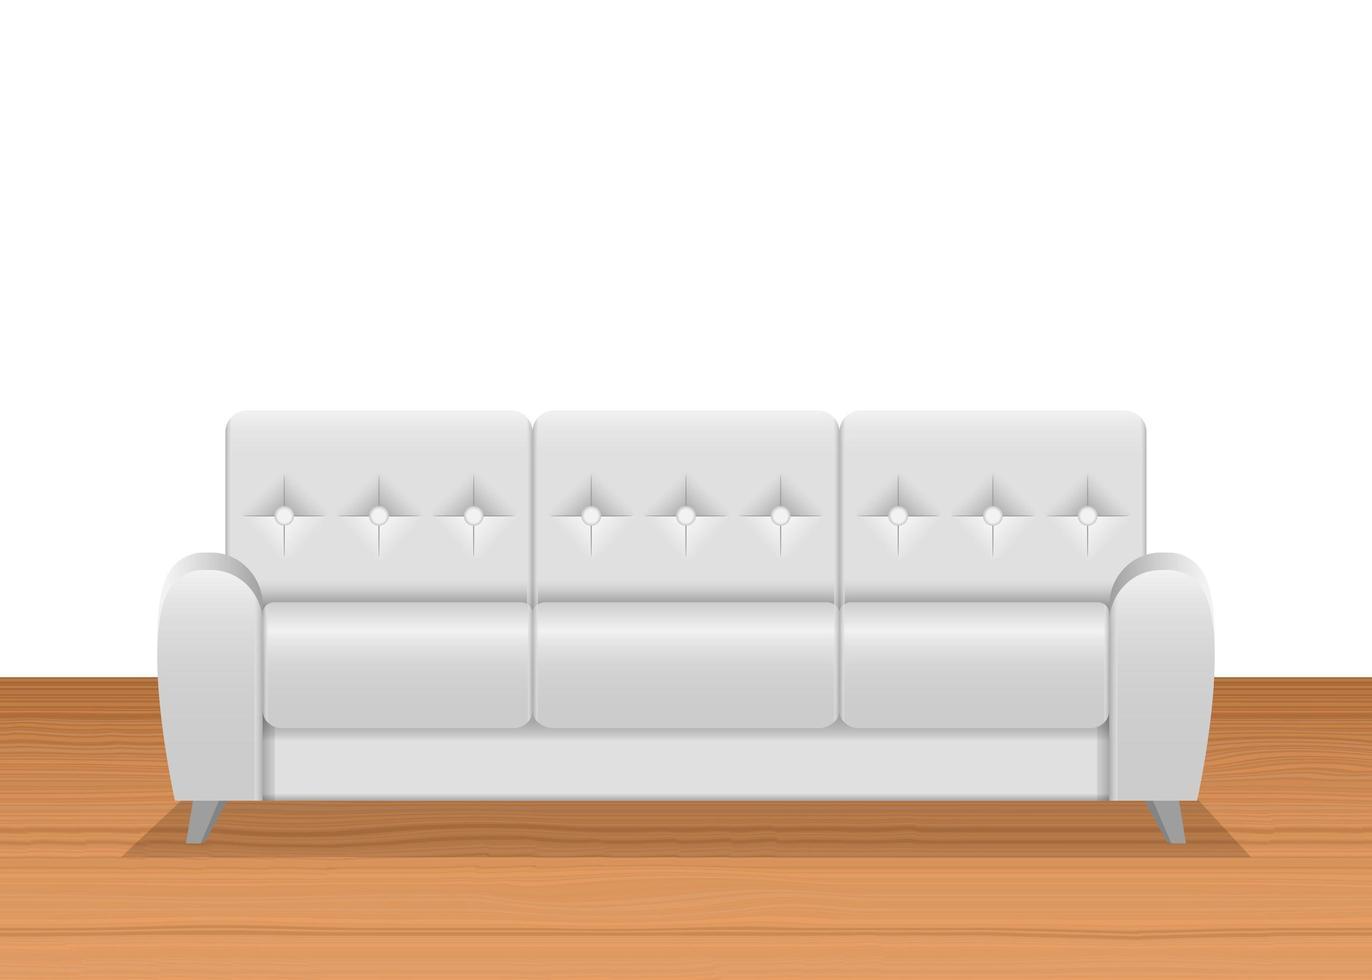 canapé blanc réaliste vecteur